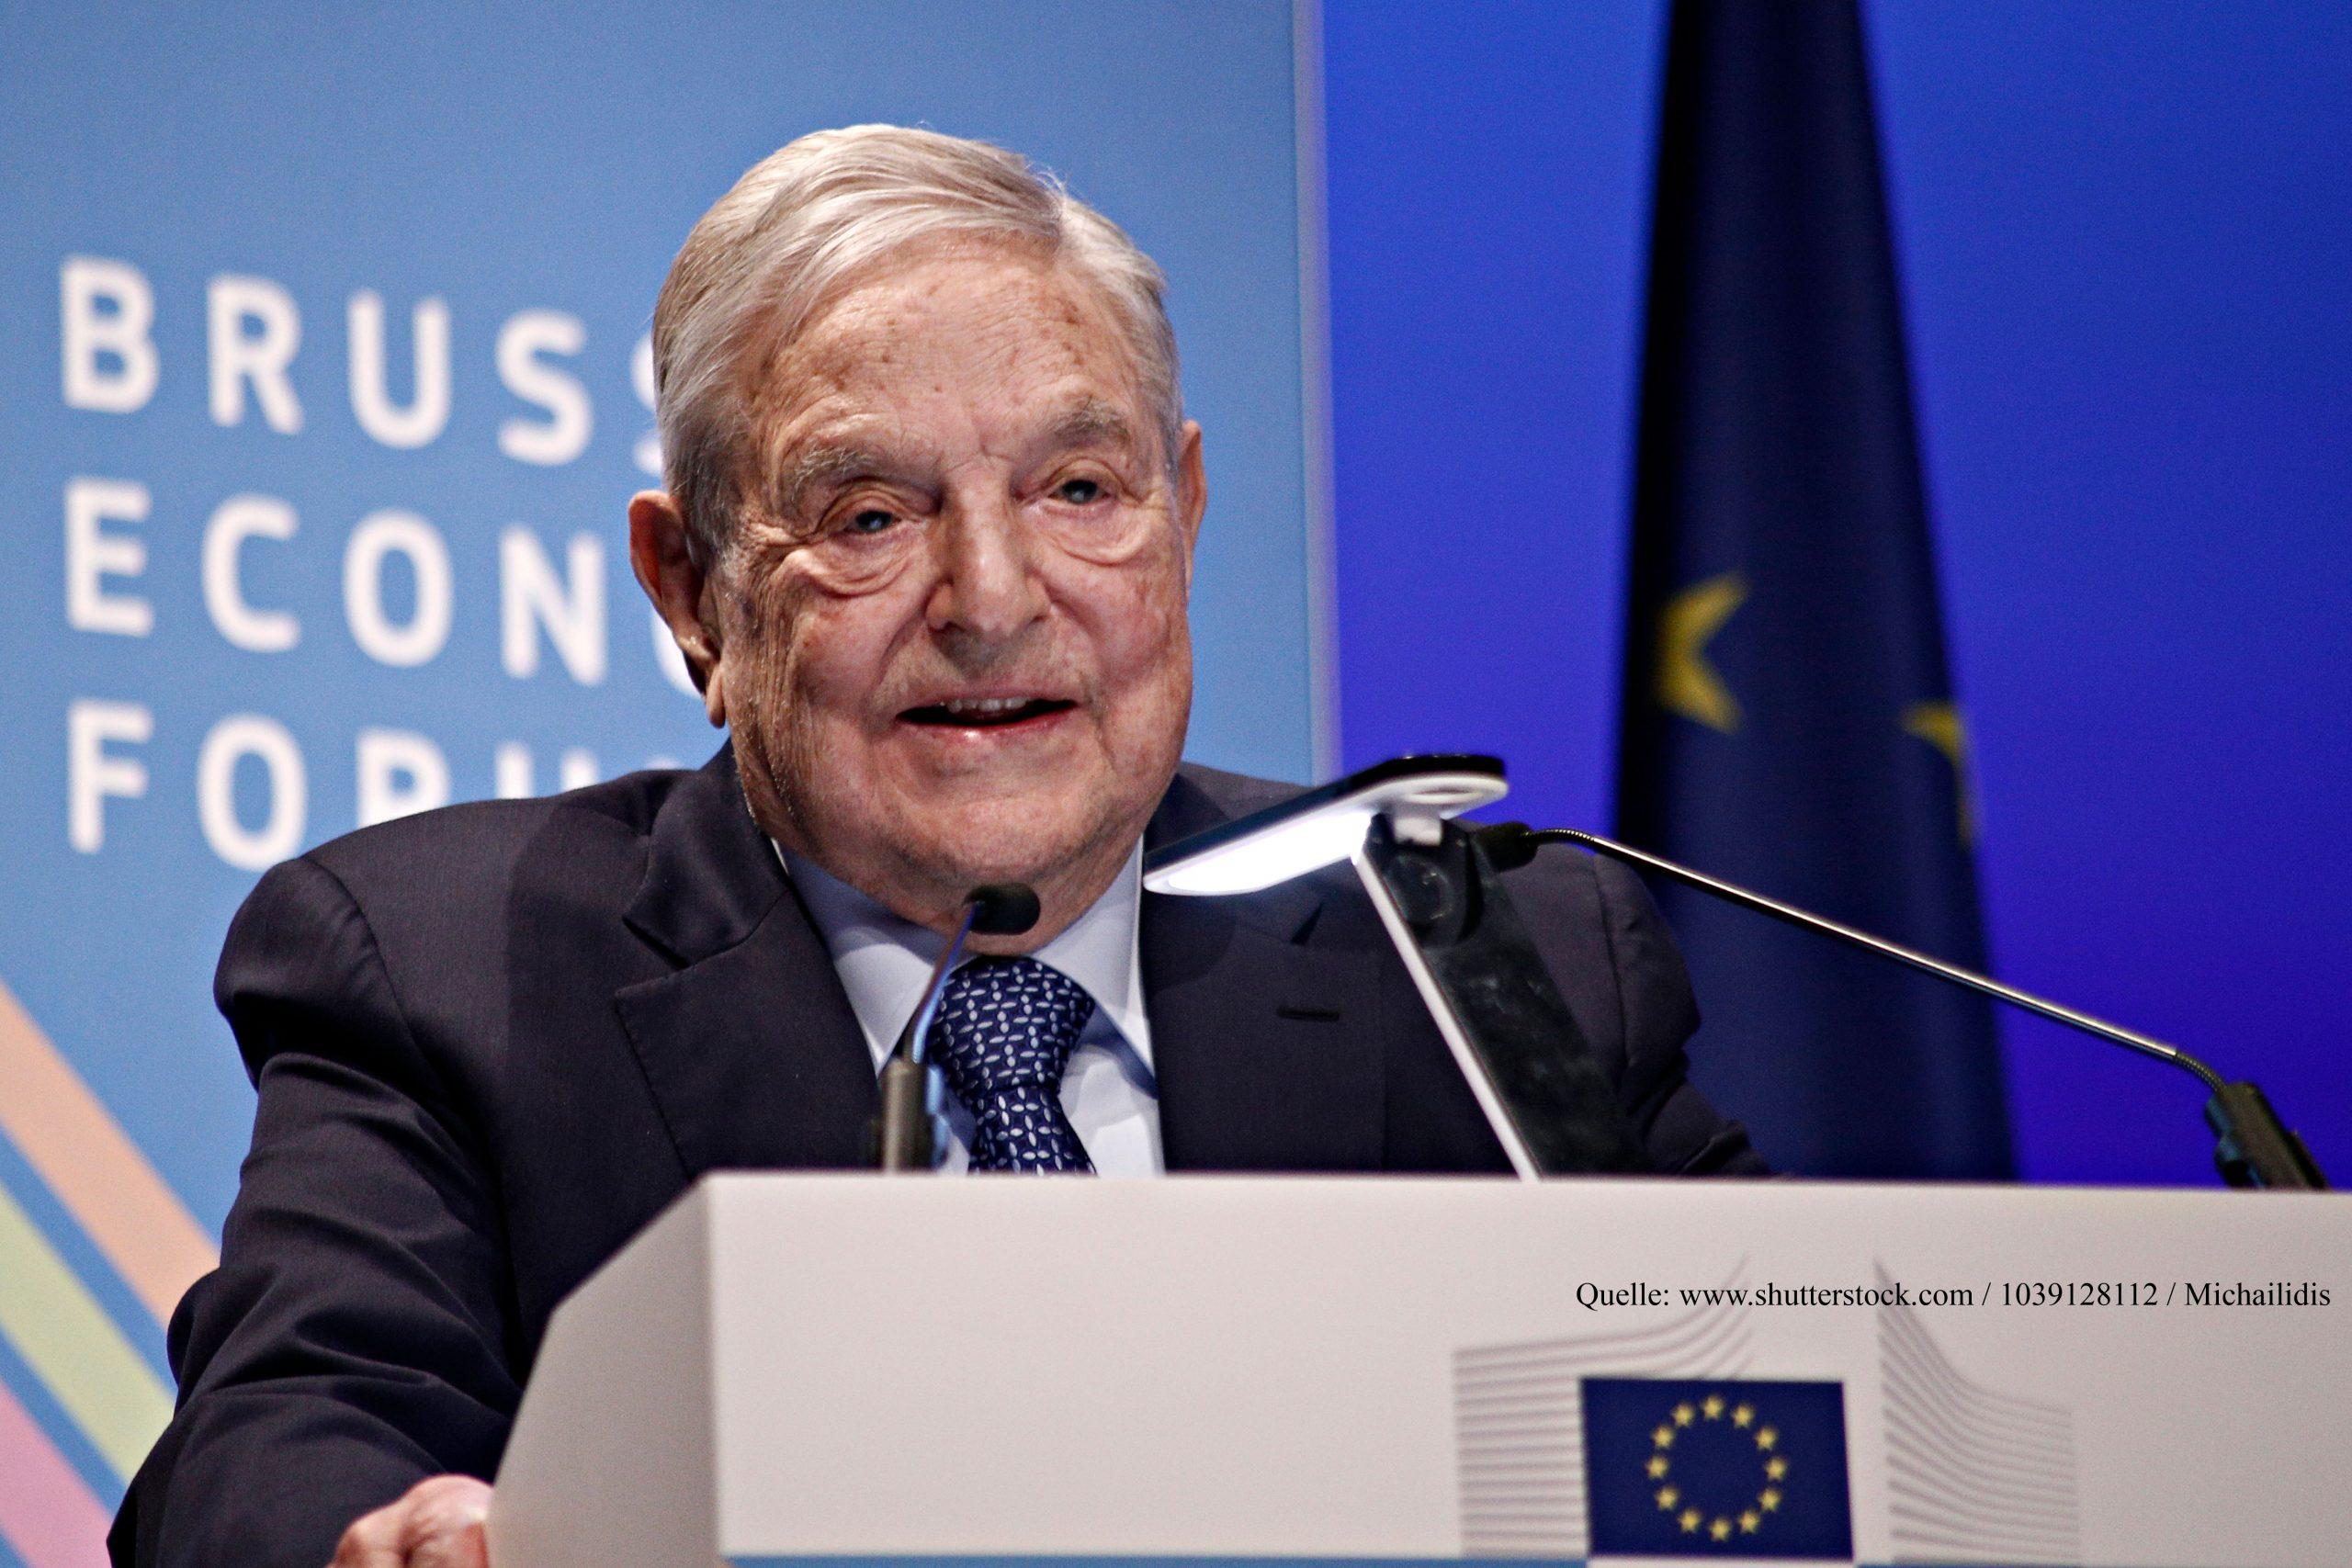 Bildergebnis für BREXIT: Hier kassierten Finanzspekulanten viele hundert Millionen Euro